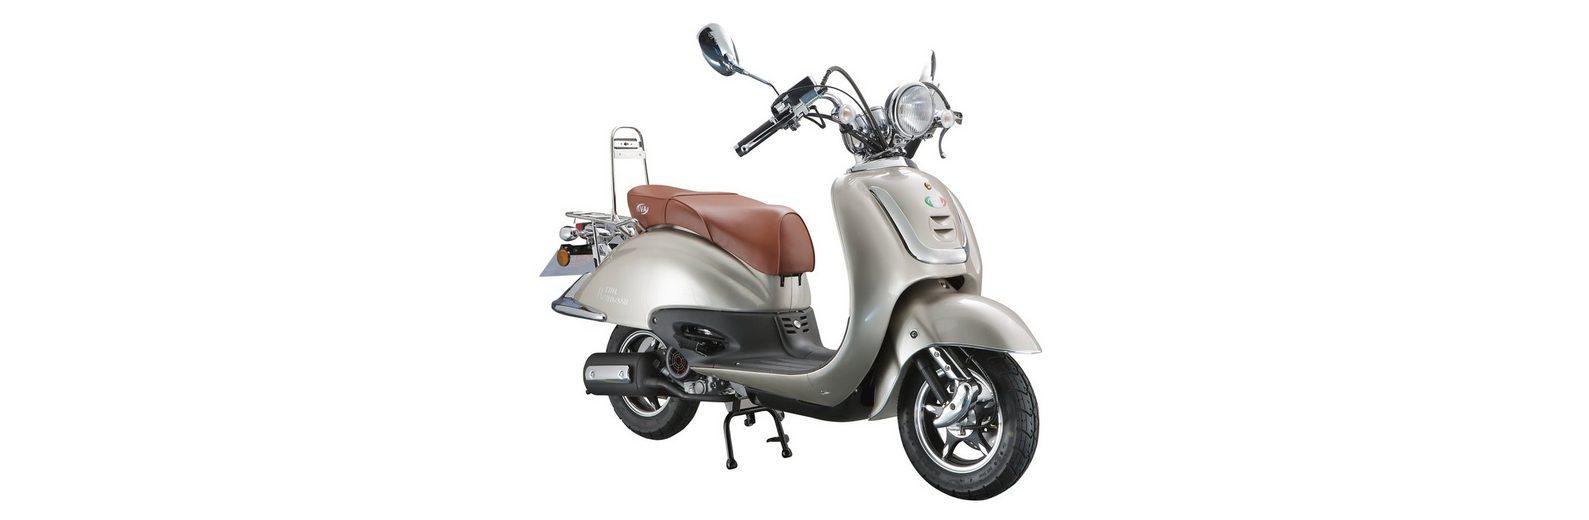 Retro Motorroller, 50 ccm, 3 PS, 45 km/h, für 2 Personen, beigefarben, »ROMA«, IVA